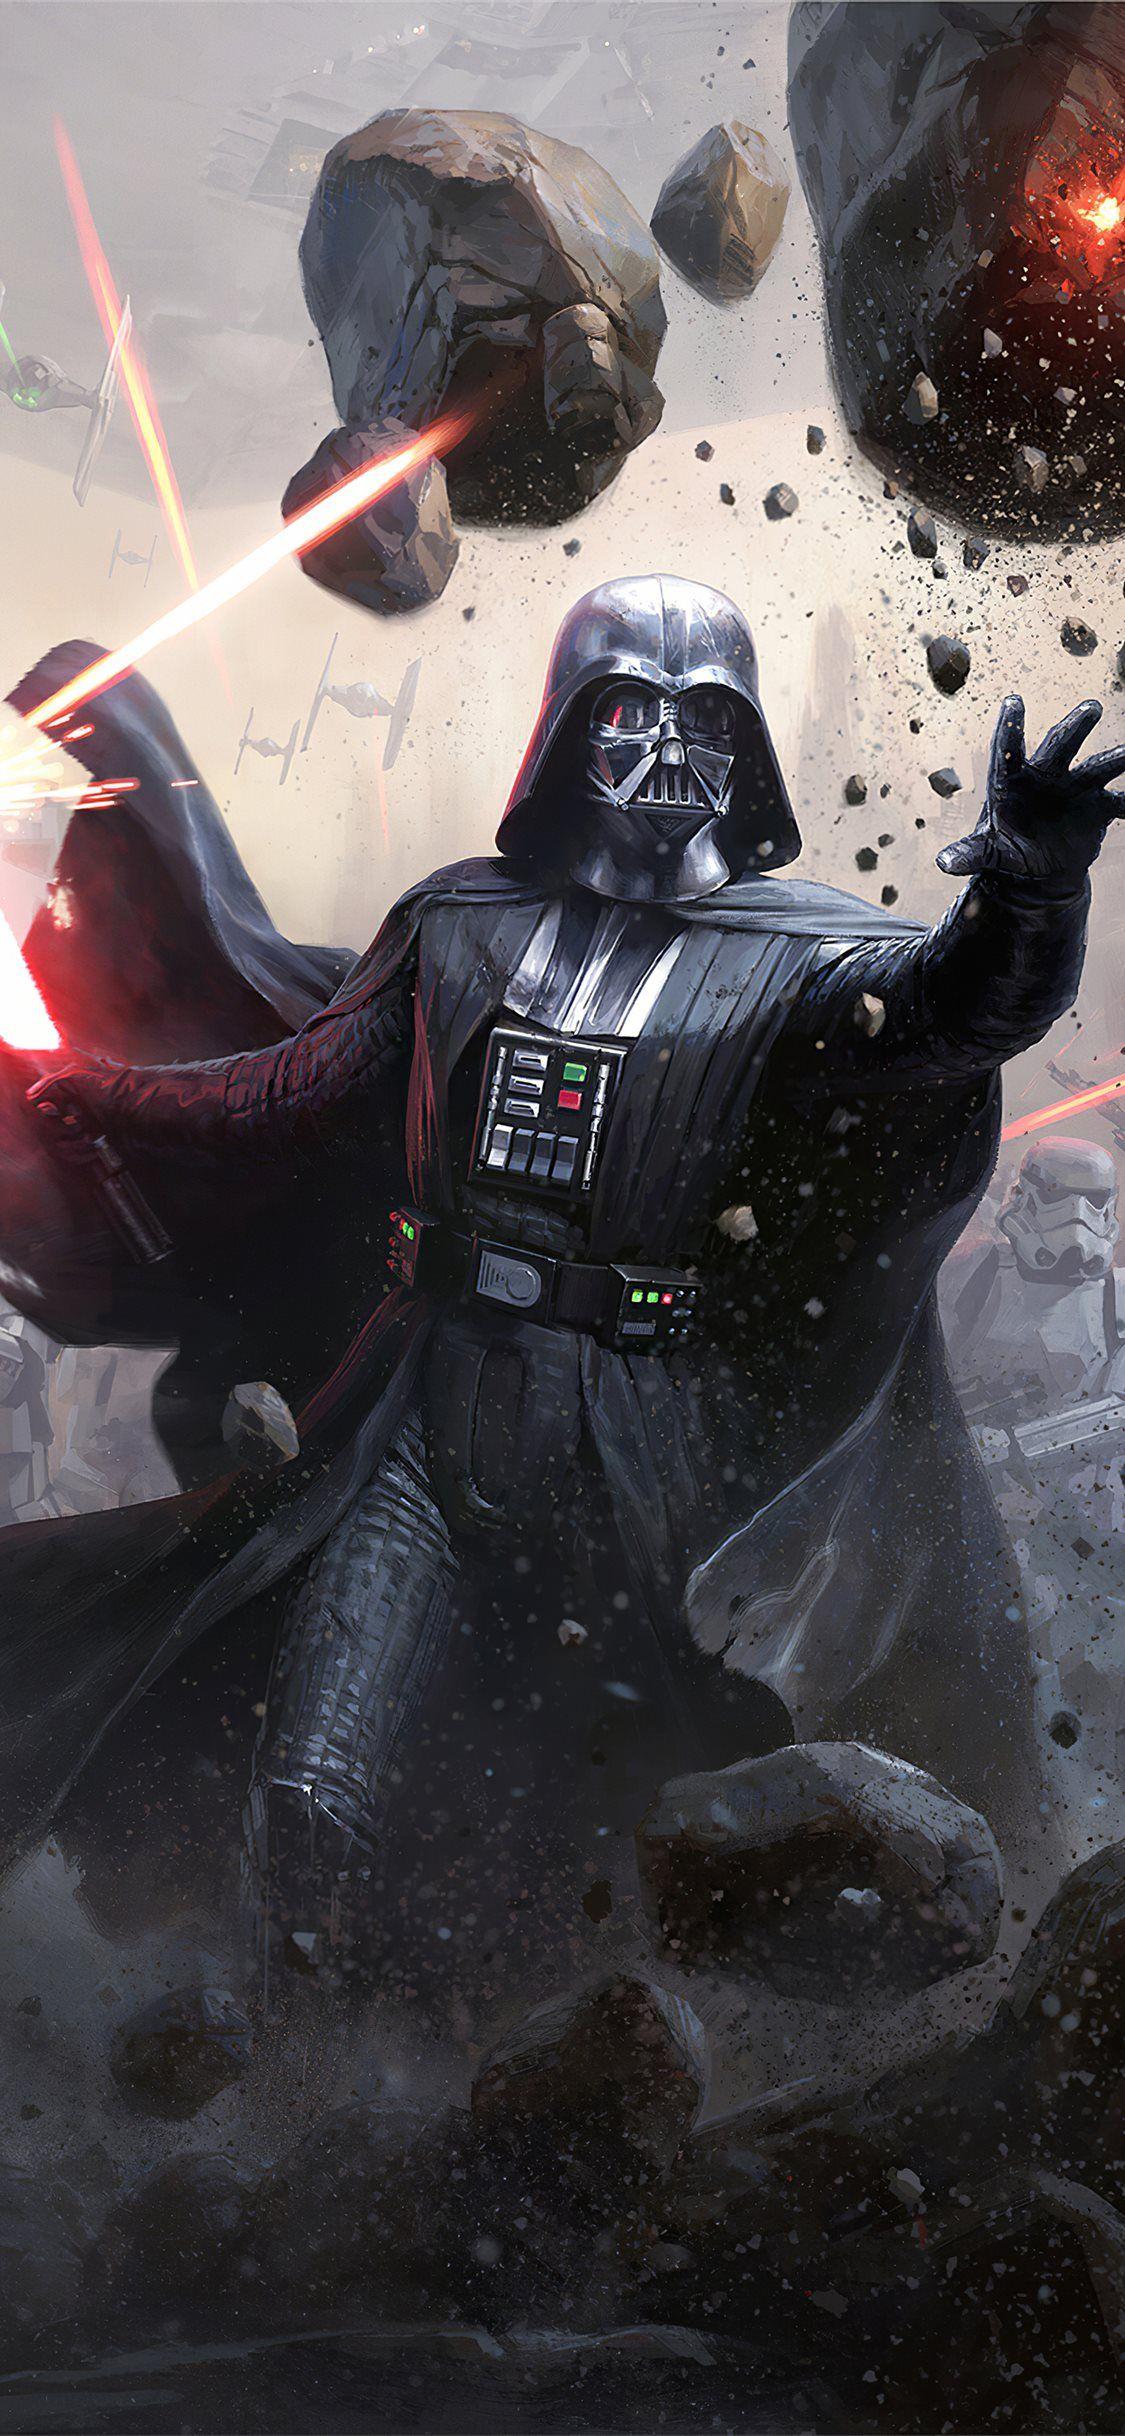 Darth Vader 4k 2020 Darthvader Superheroes Artwork 4k Artstation Movies Iphonexwallpaper Darth Vader Wallpaper Darth Vader 4k Darth Vader